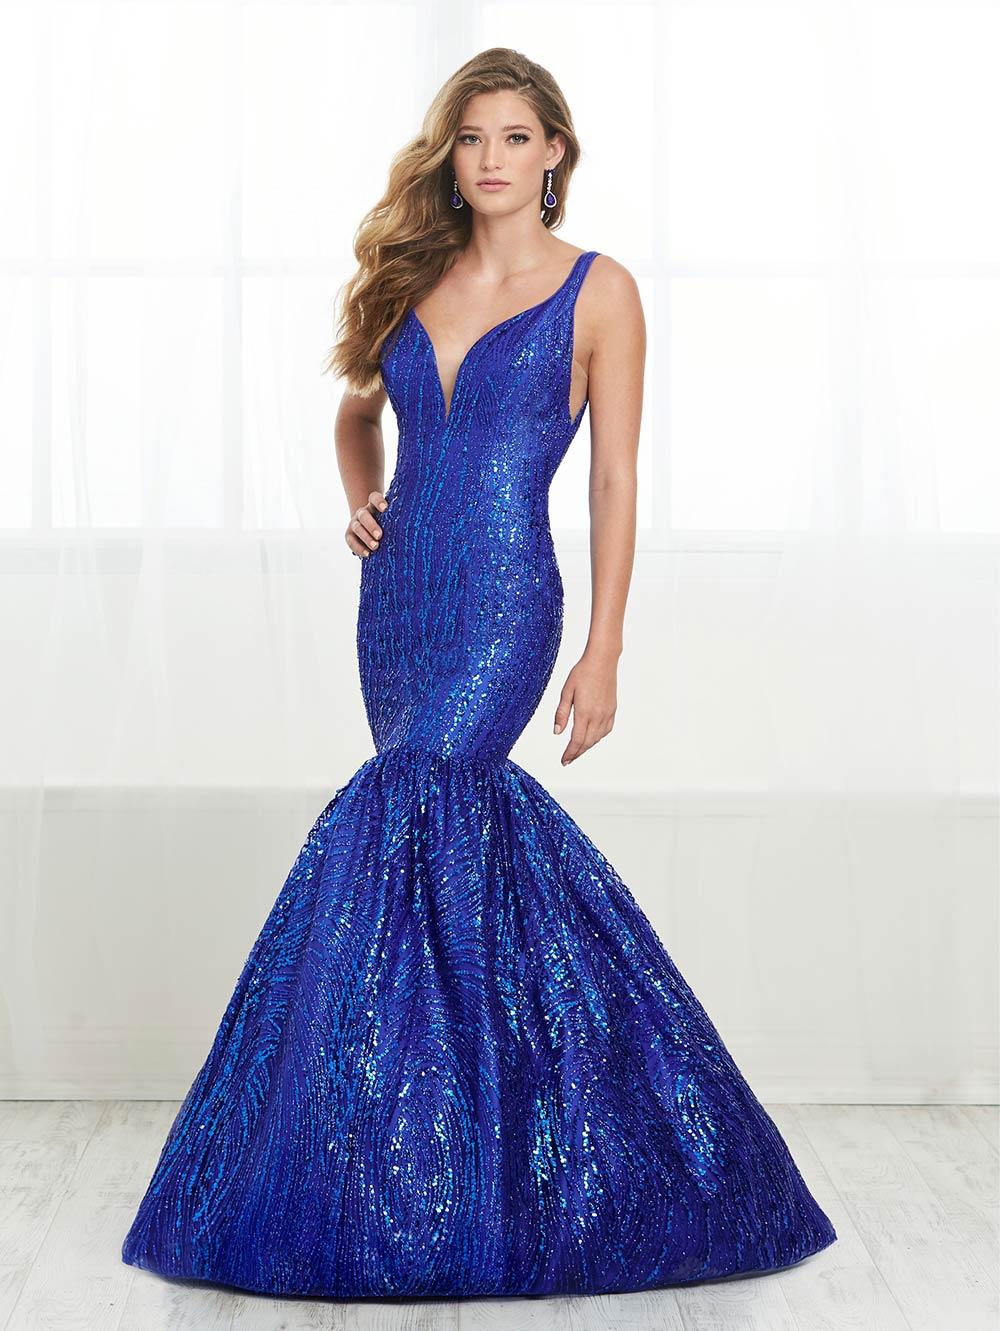 prom-dresses-jacquelin-bridals-canada-27674